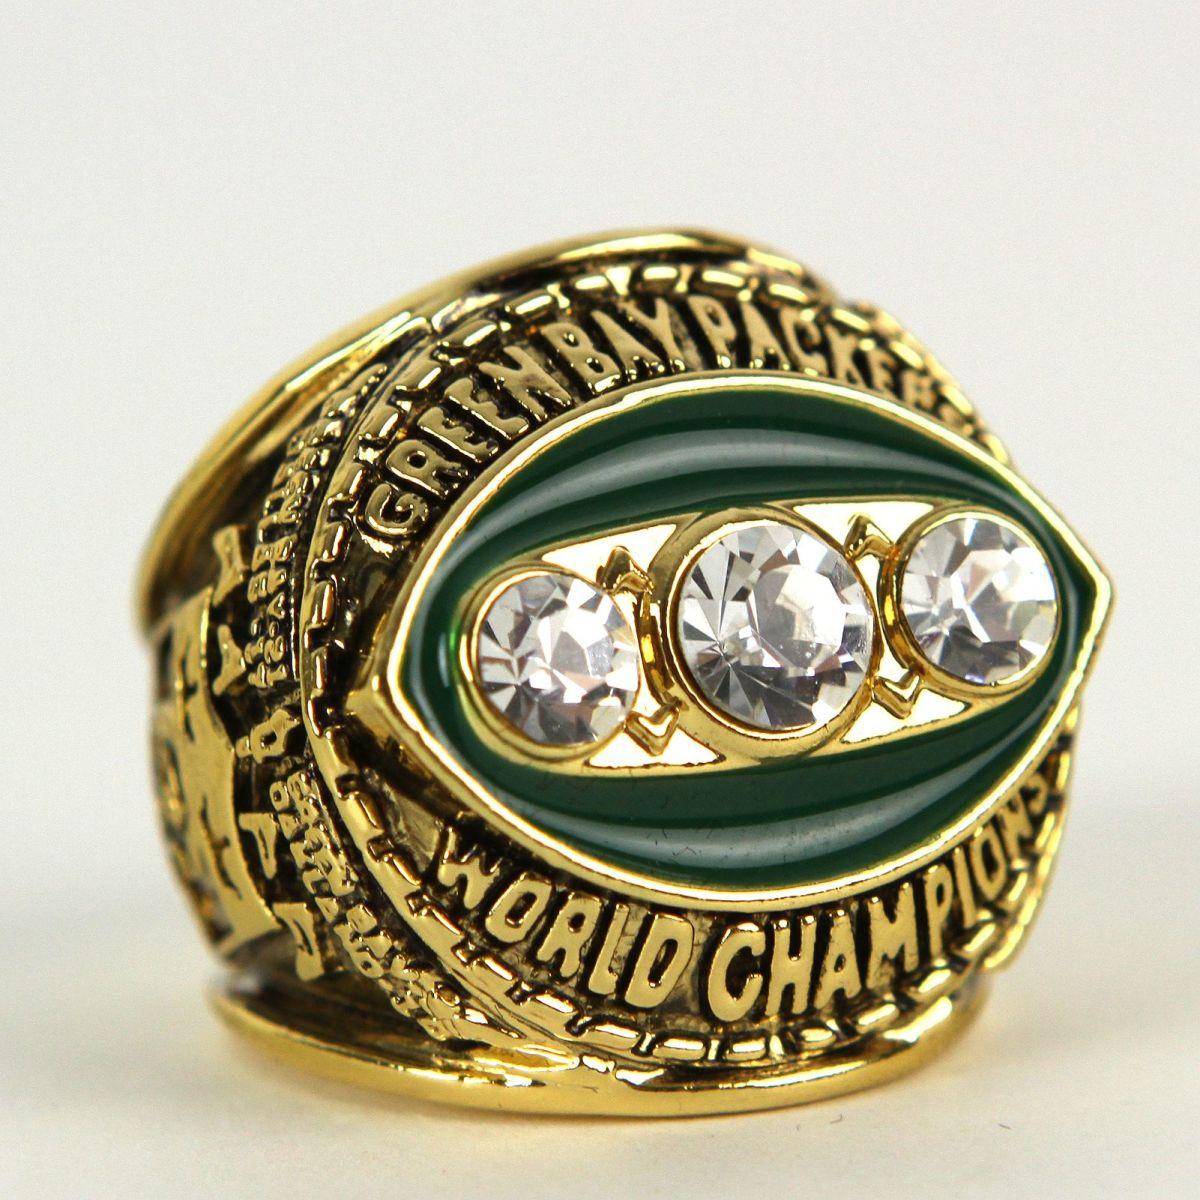 II - Green Bay Packers 1968